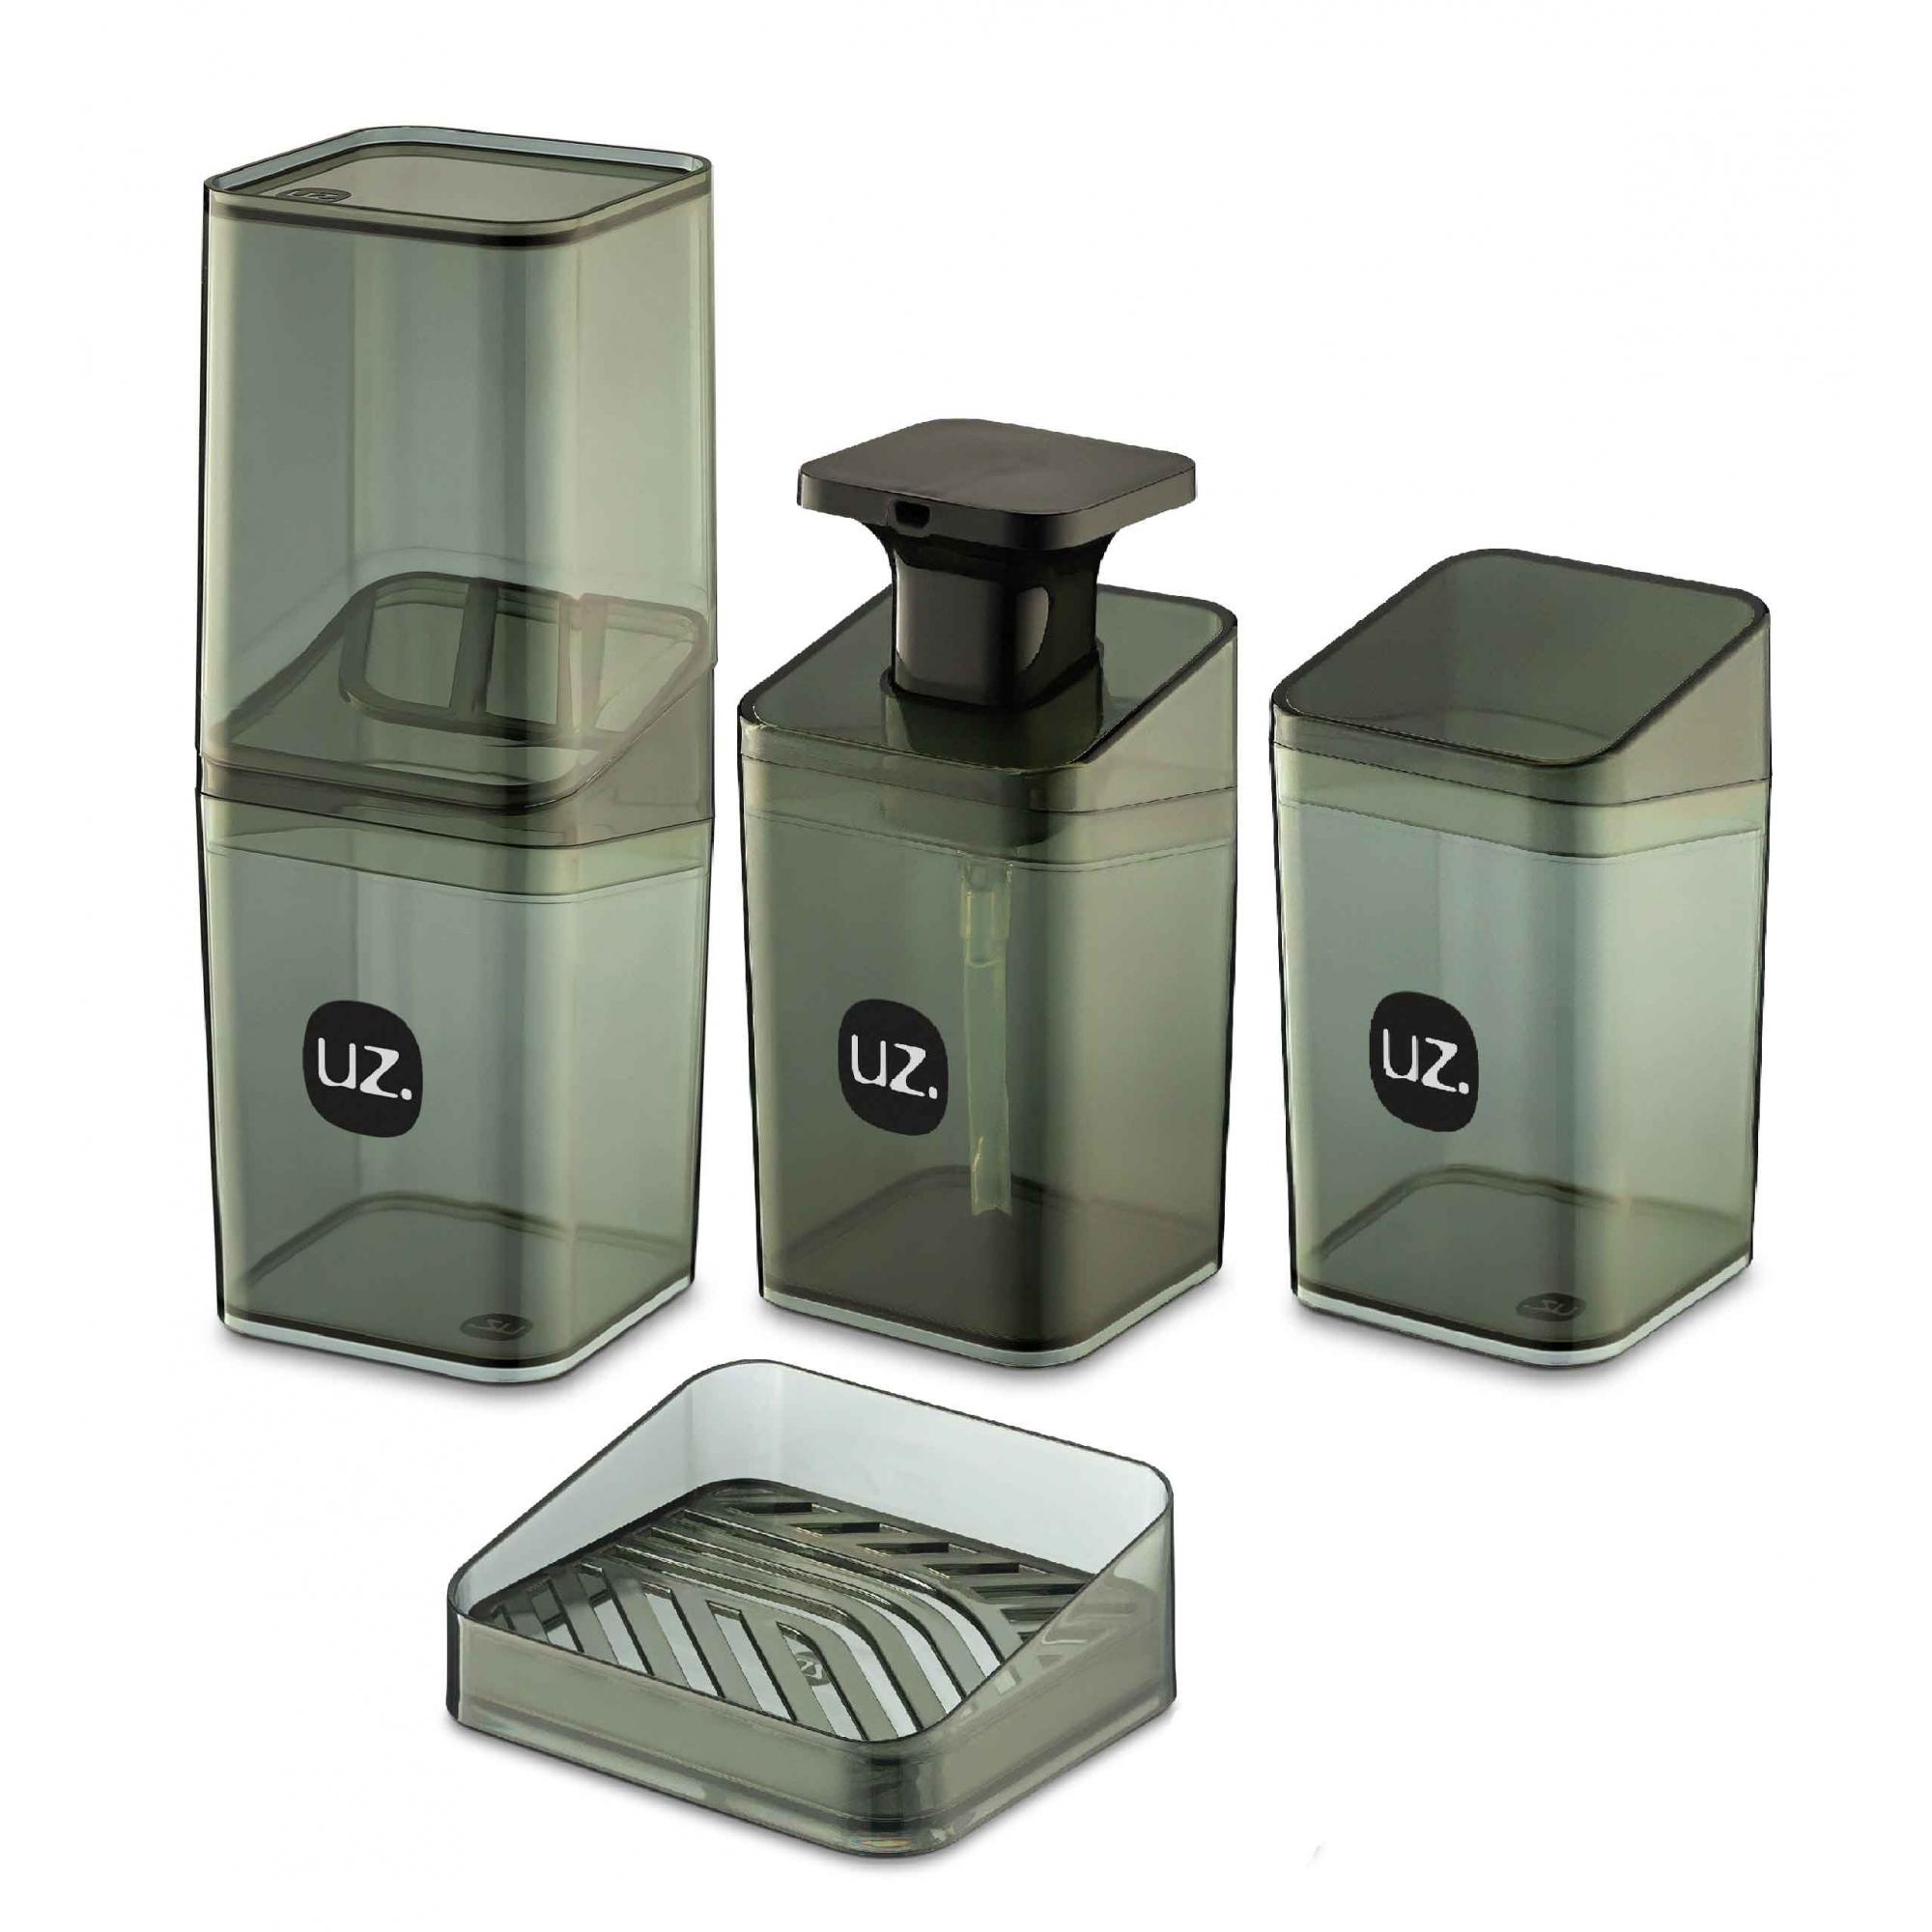 Kit Higiene Banheiro 4 Peças Slim Com Porta Escova UZ Preto